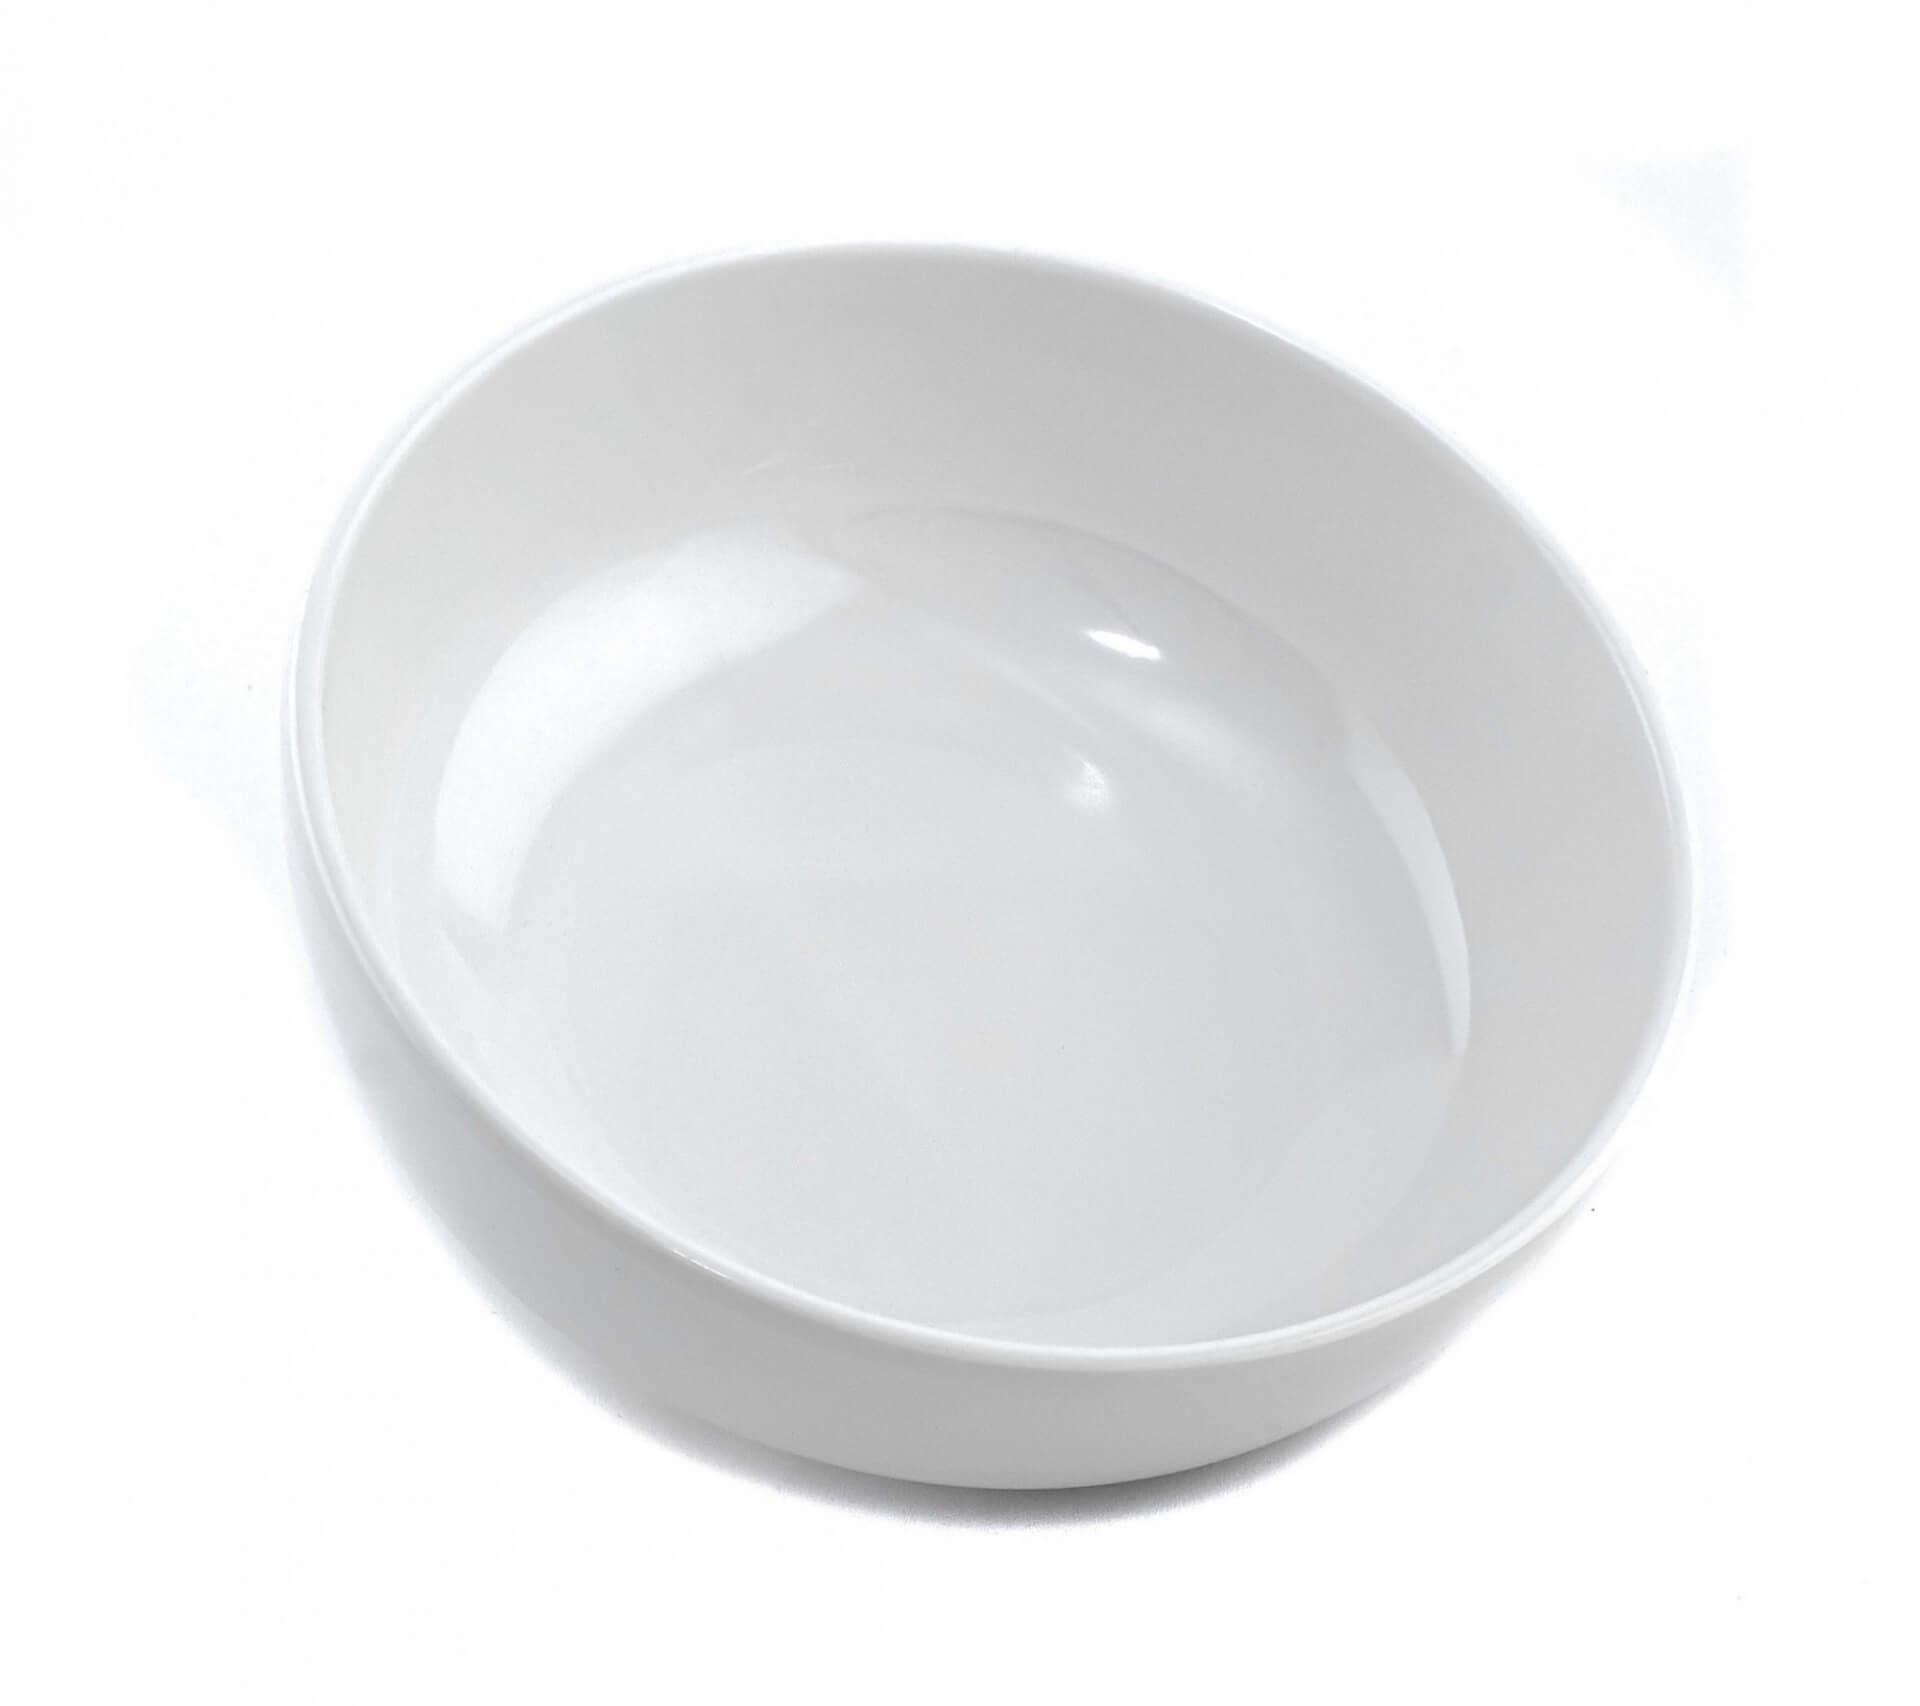 Купить миску из меламина от компании Нормак — надёжного поставщика барного и кухонного оборудования, аксессуаров и расходных для пищевого производства и кулинарии